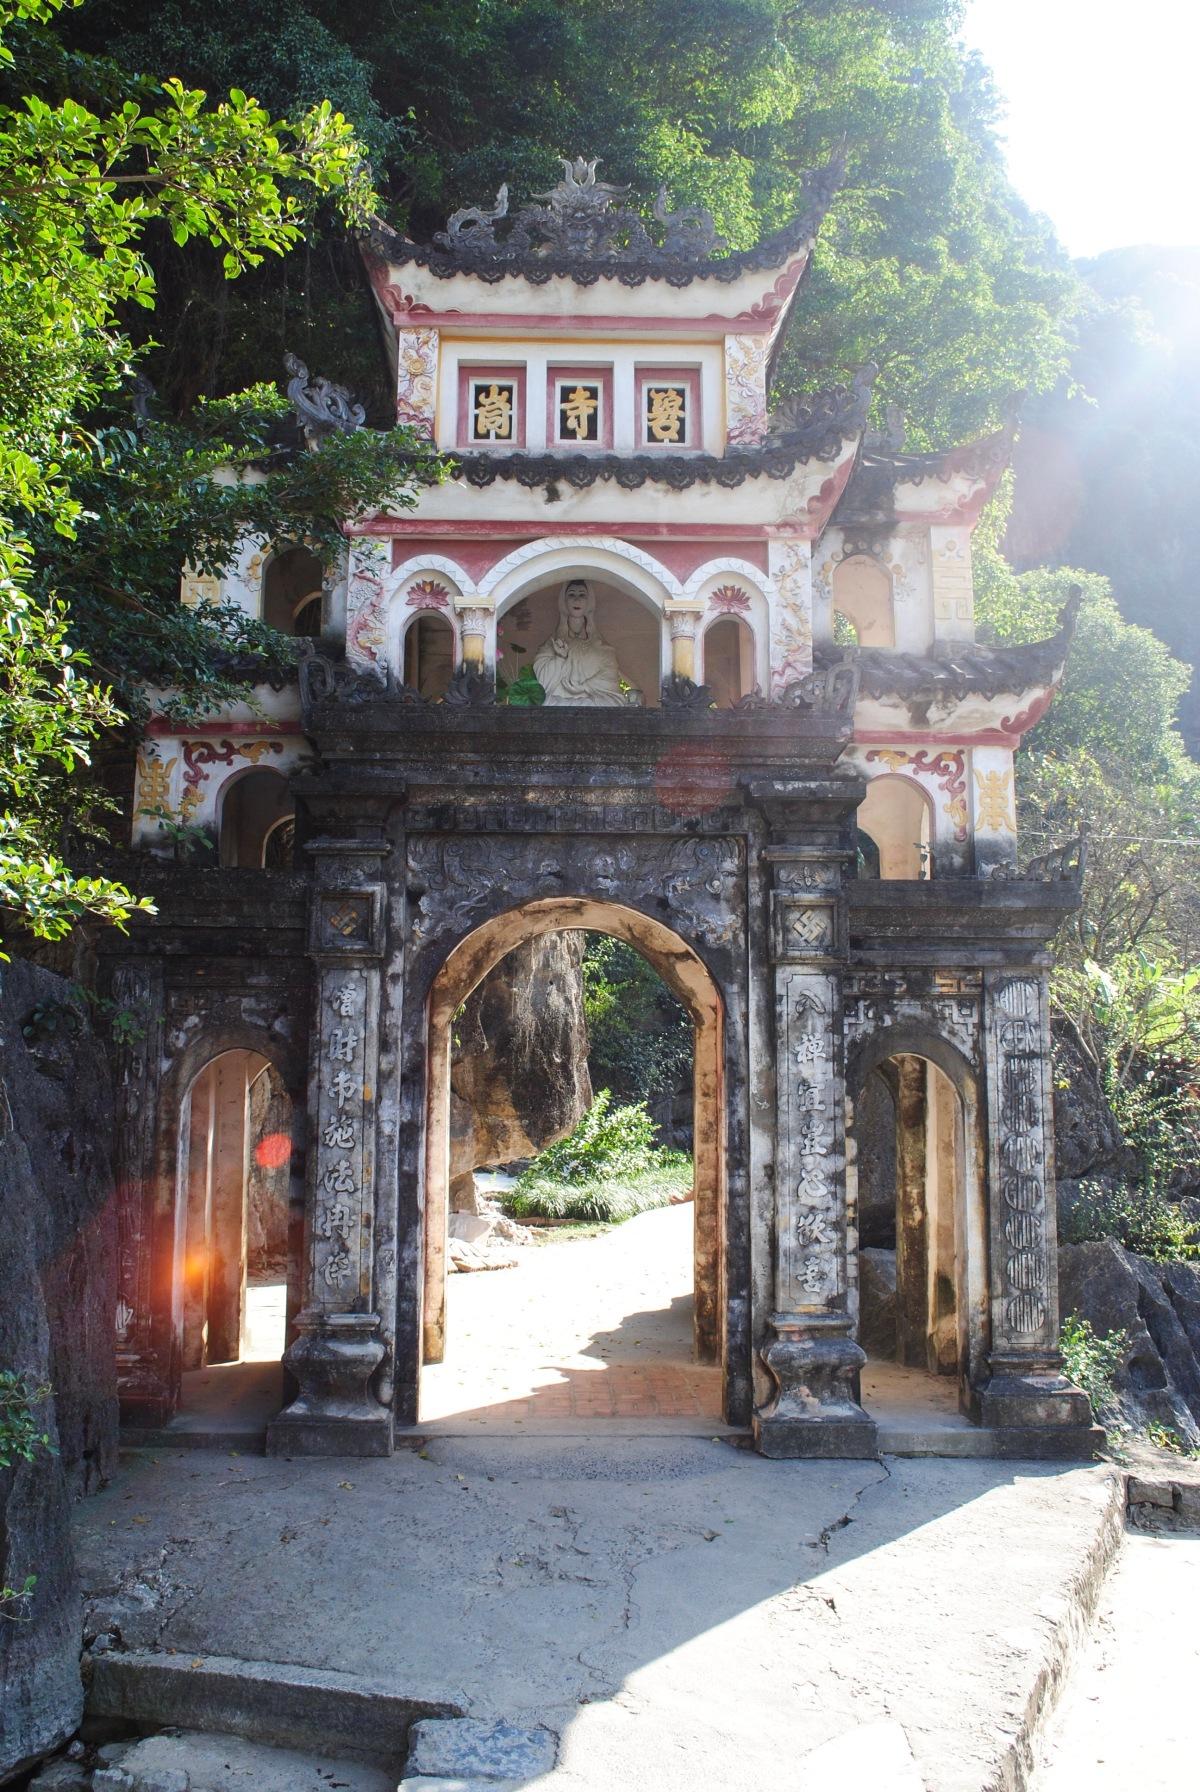 Day Trip: The Natural Beauty of NinhBinh